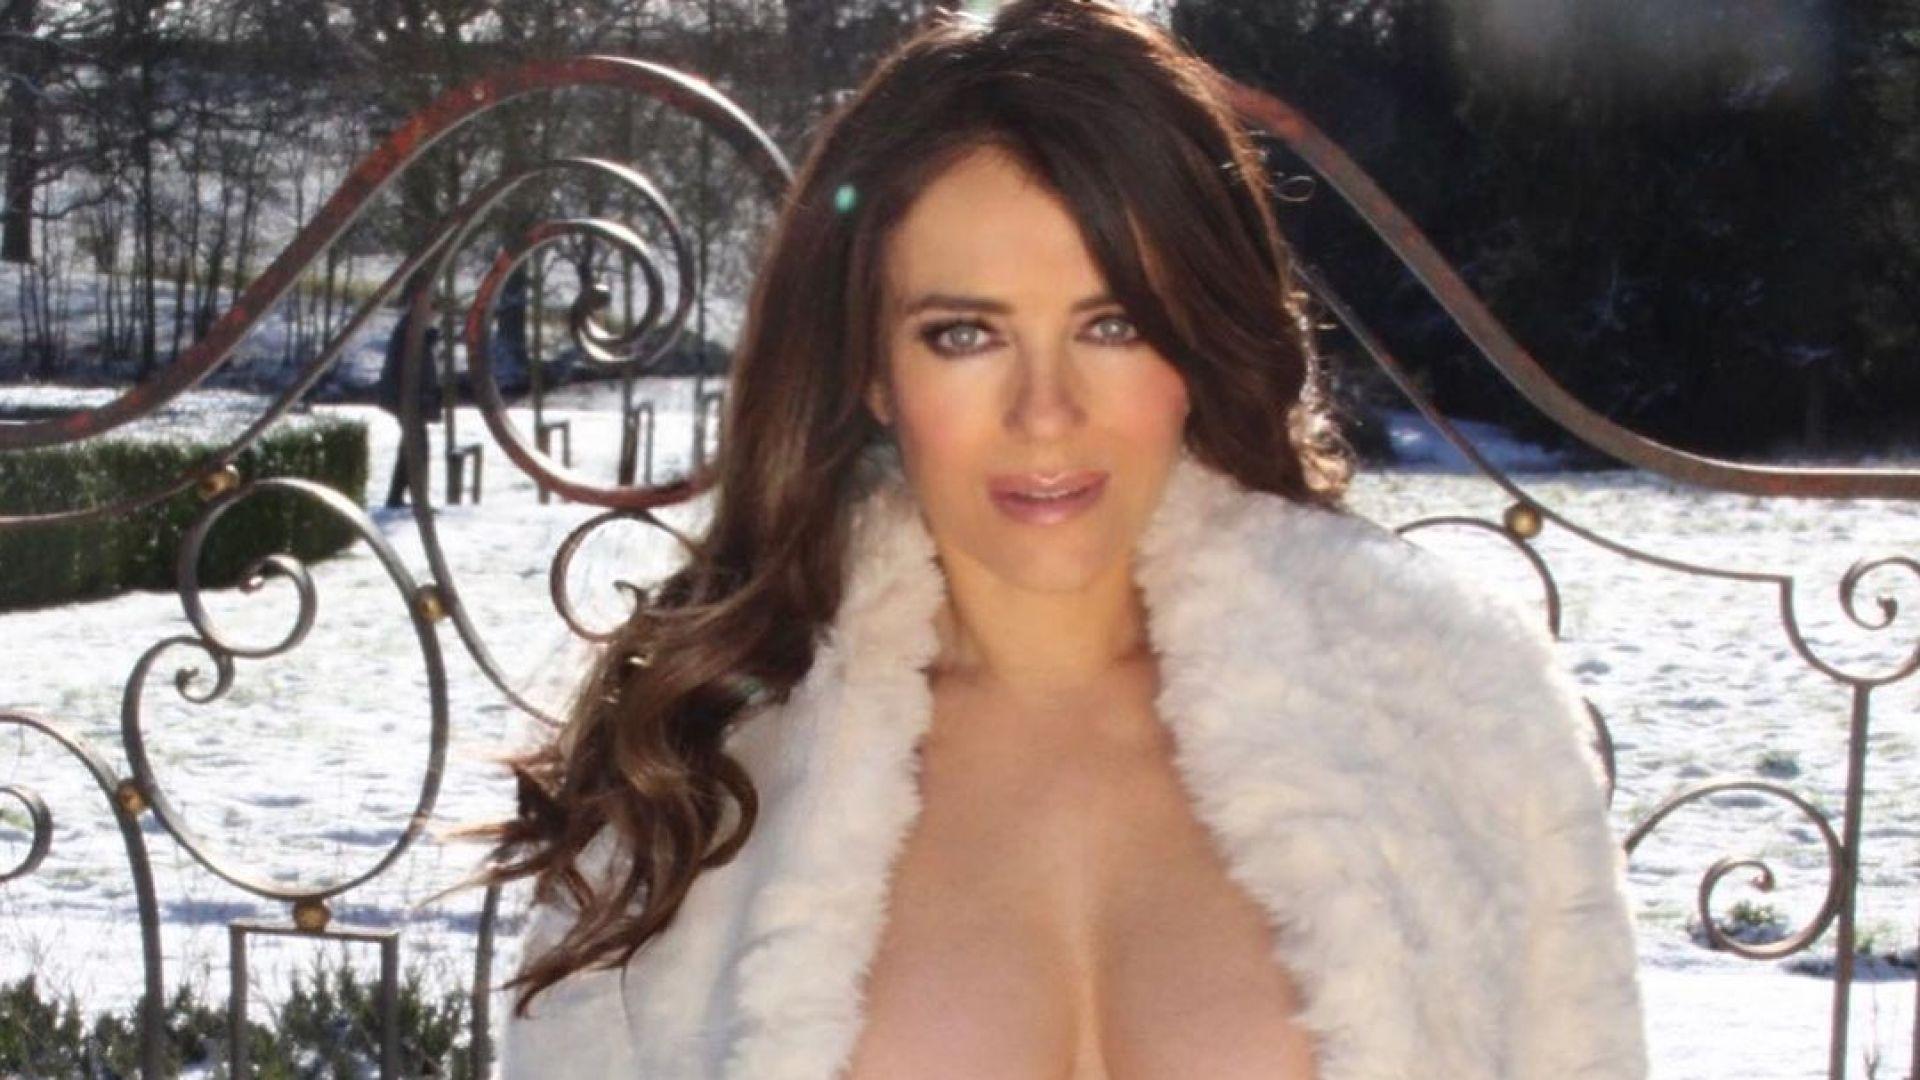 Не можете да ѝ устоите: Елизабет Хърли съблазнява по бикини посред зима